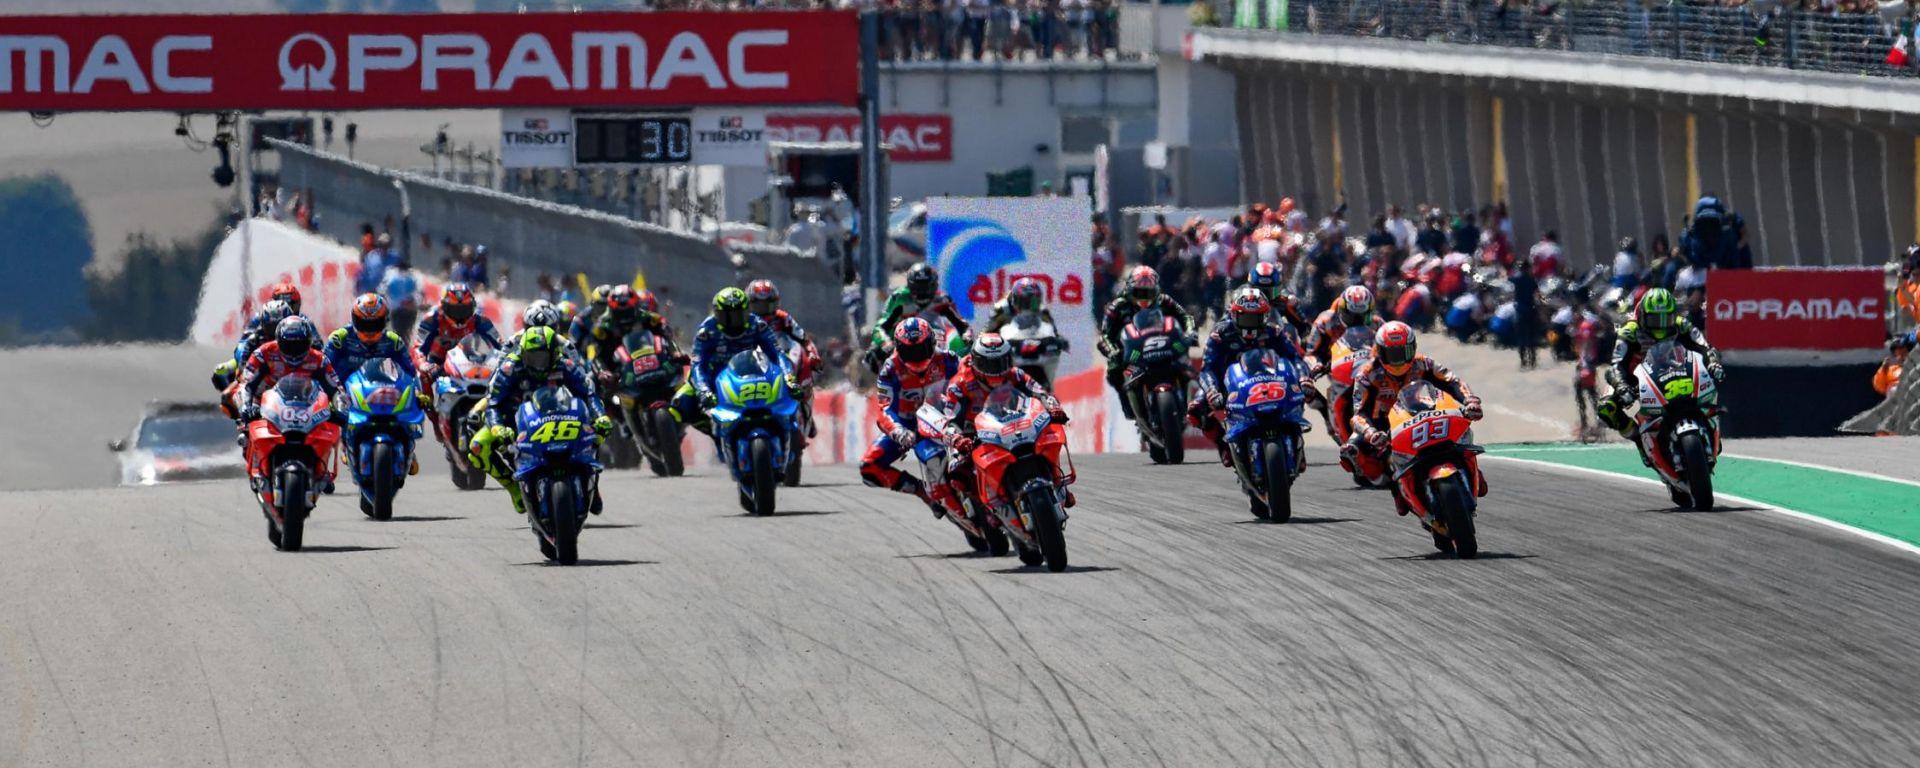 MotoGP Germania 2018, la partenza